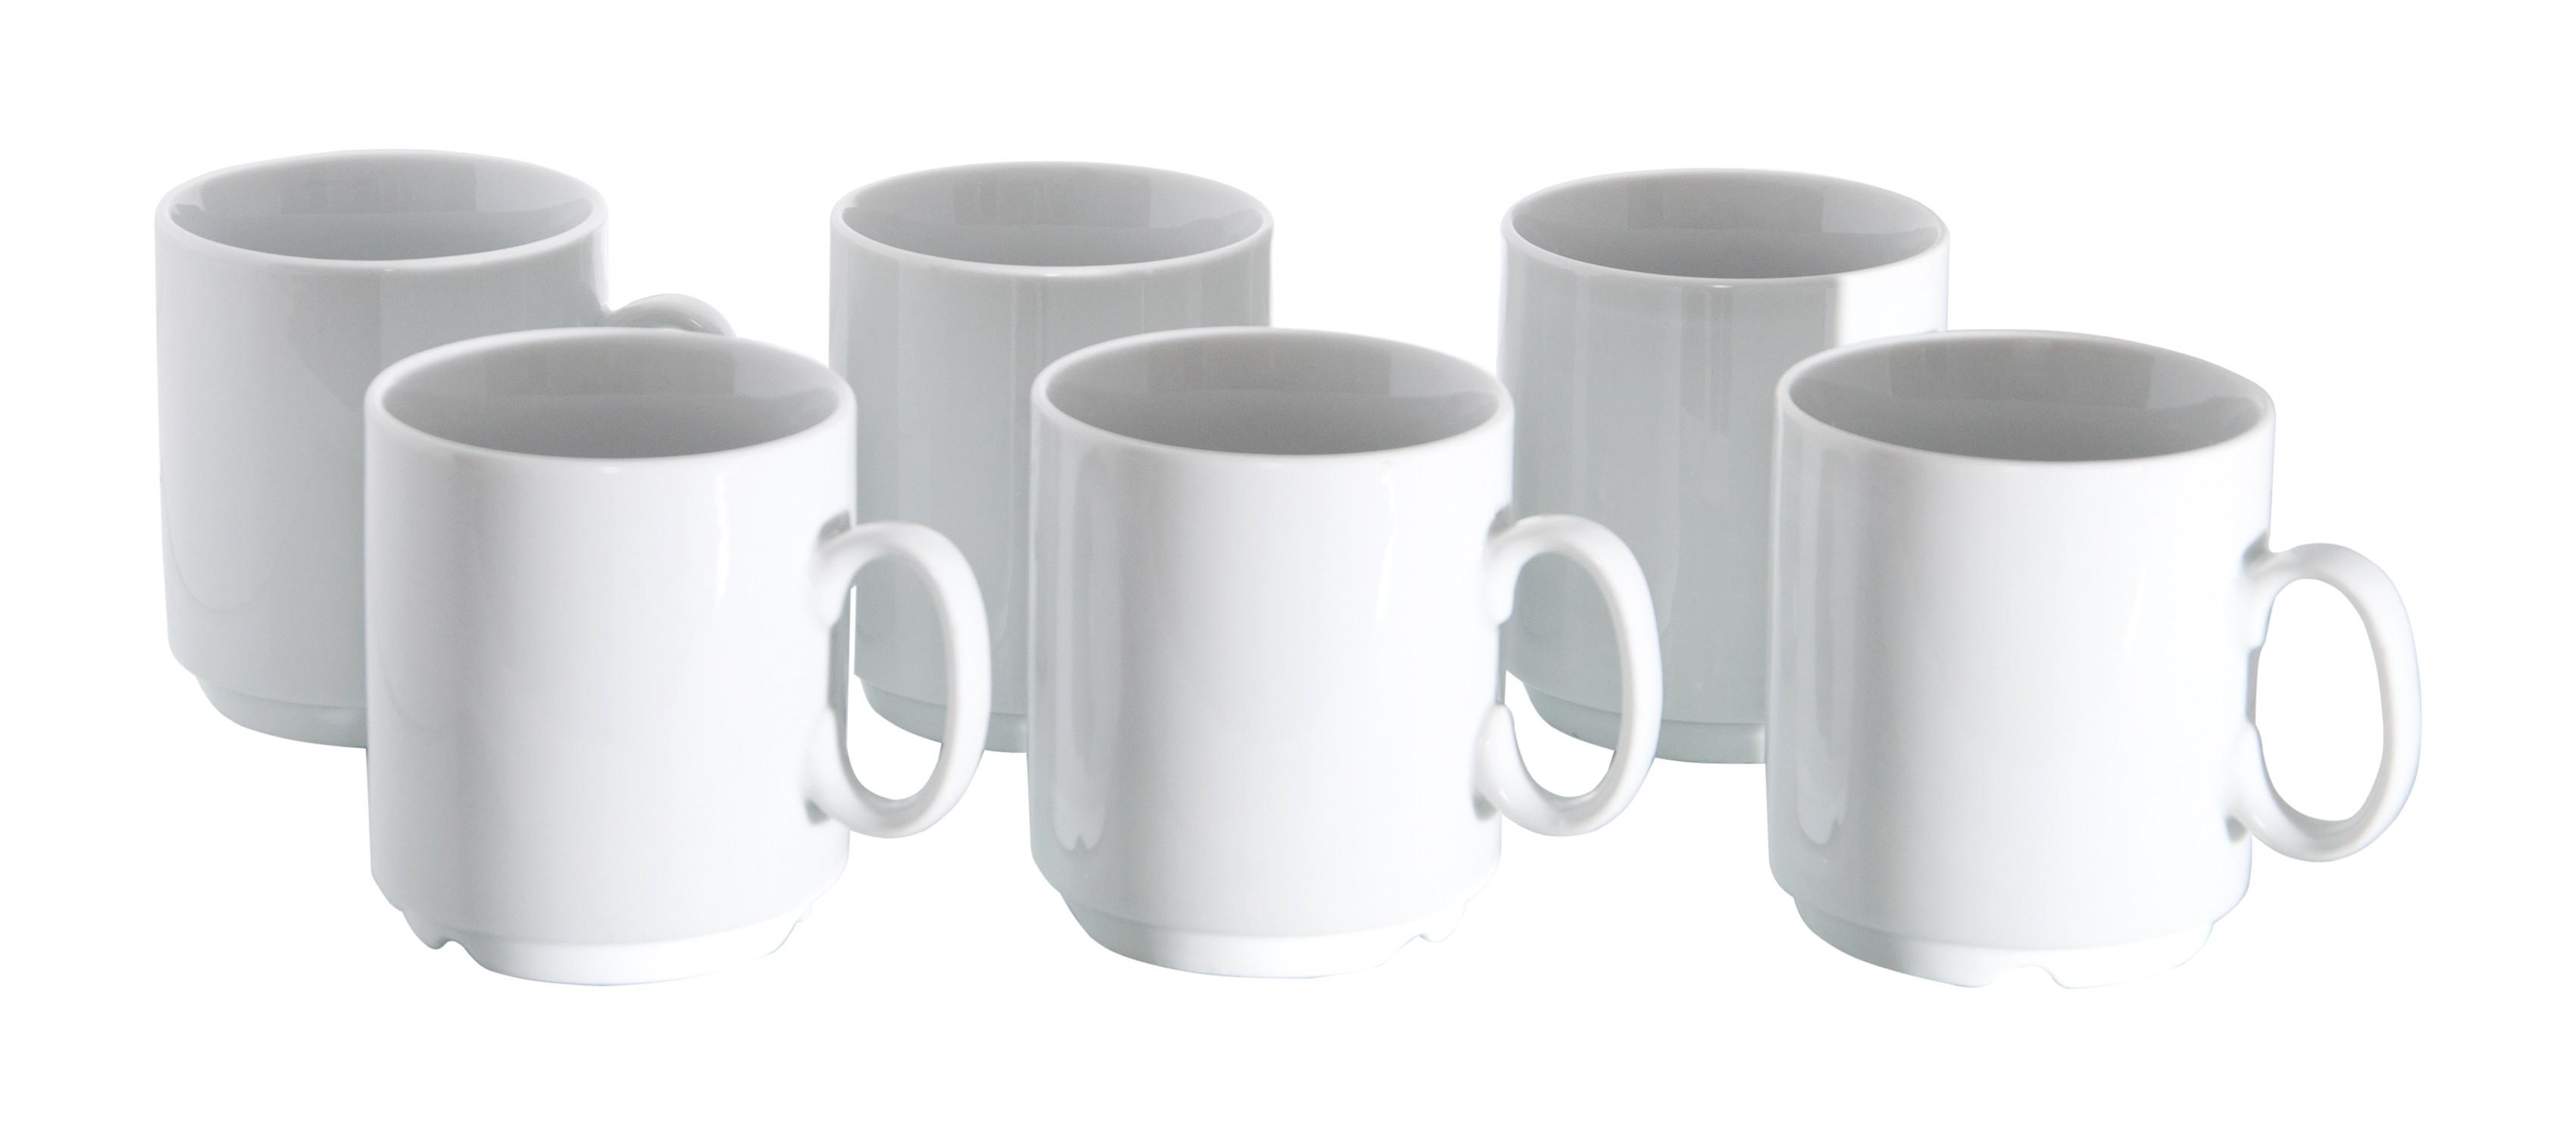 6er set van well porzellan kaffeebecher profi 280ml wei stapelbar porzellan tassen und becher. Black Bedroom Furniture Sets. Home Design Ideas